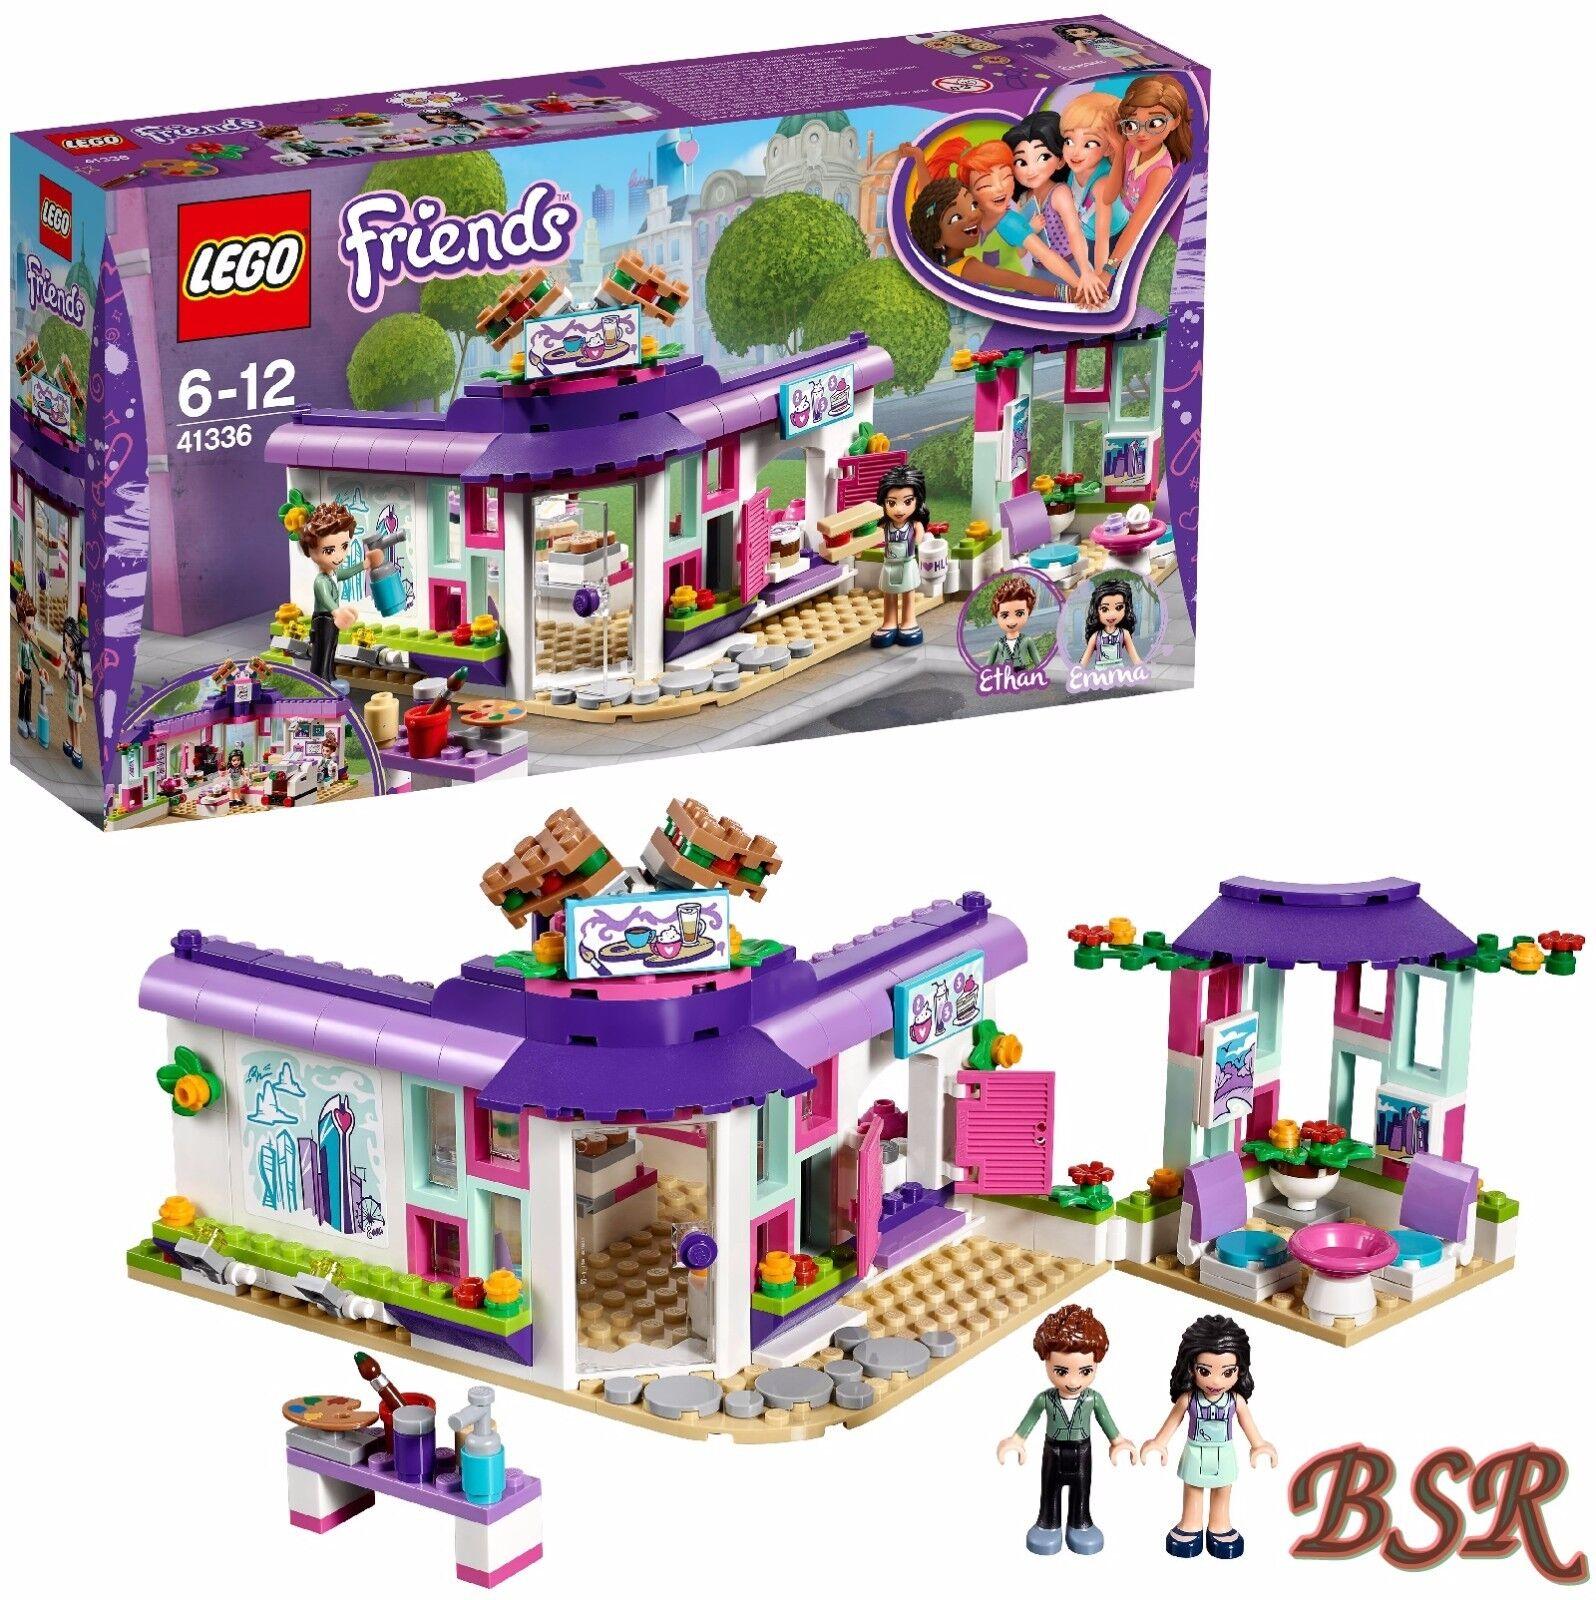 Friends 41336 0Expédition Nouveau Emmas Künstlercaféamp; ® Lego oQdCErBxWe